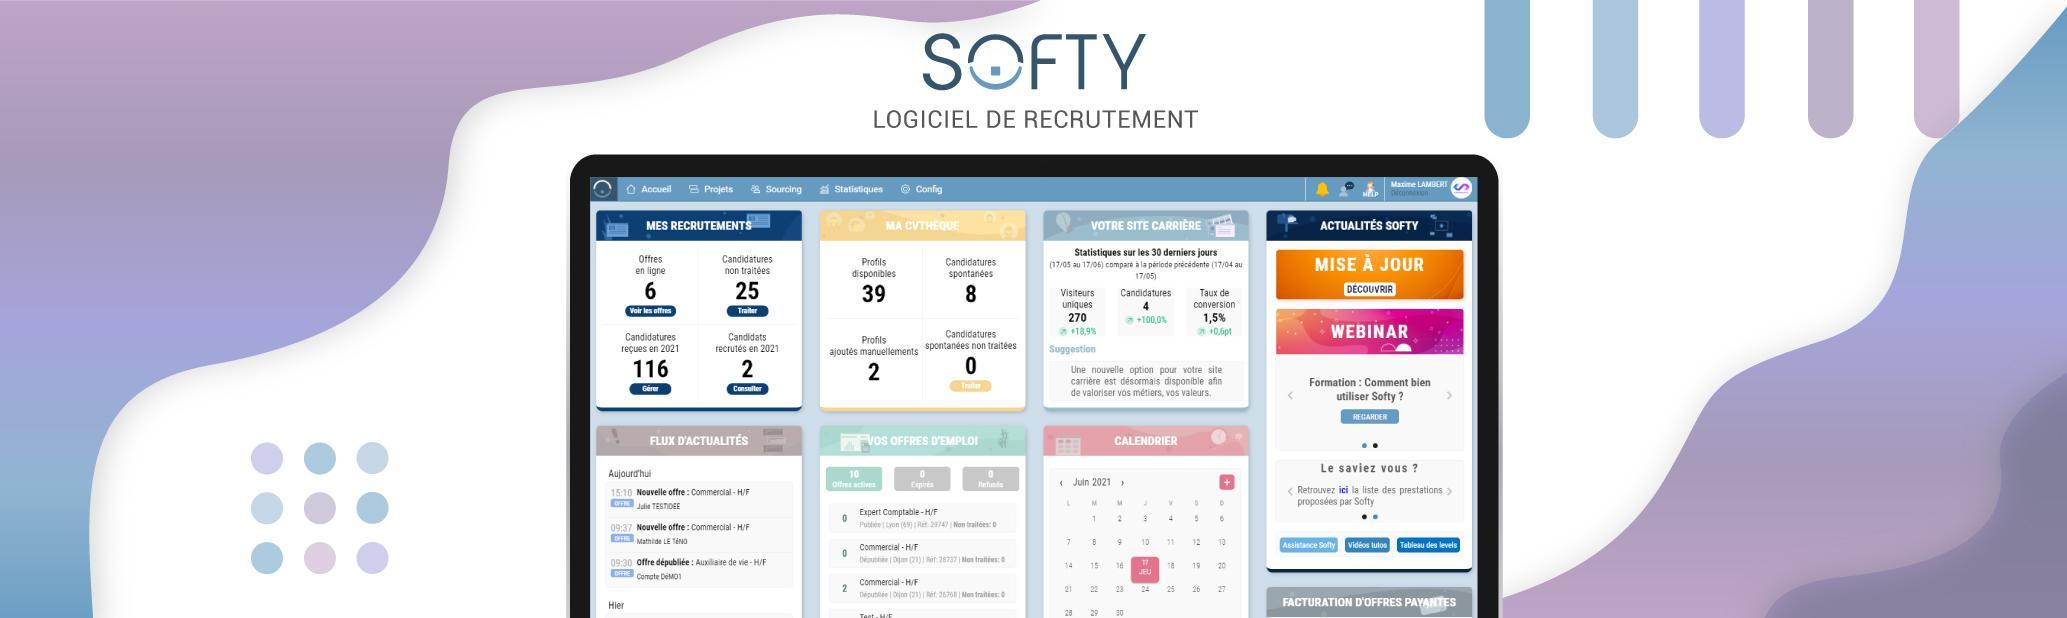 Avis Softy : Recrutez à 360° : multidiffusion, tri et analyse des profils - appvizer